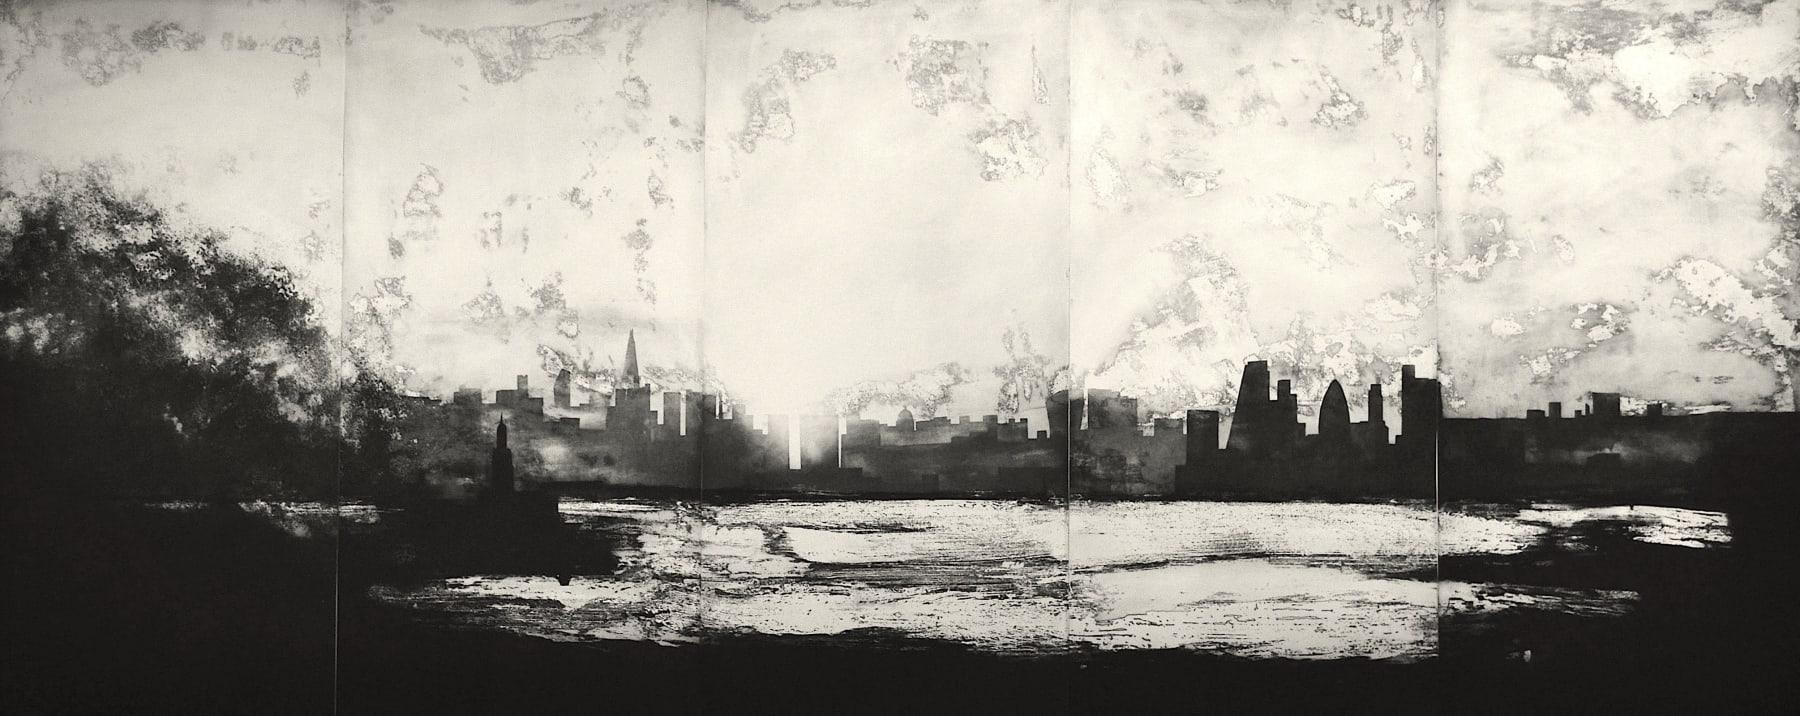 Jason Hicklin, The Thames, 2019